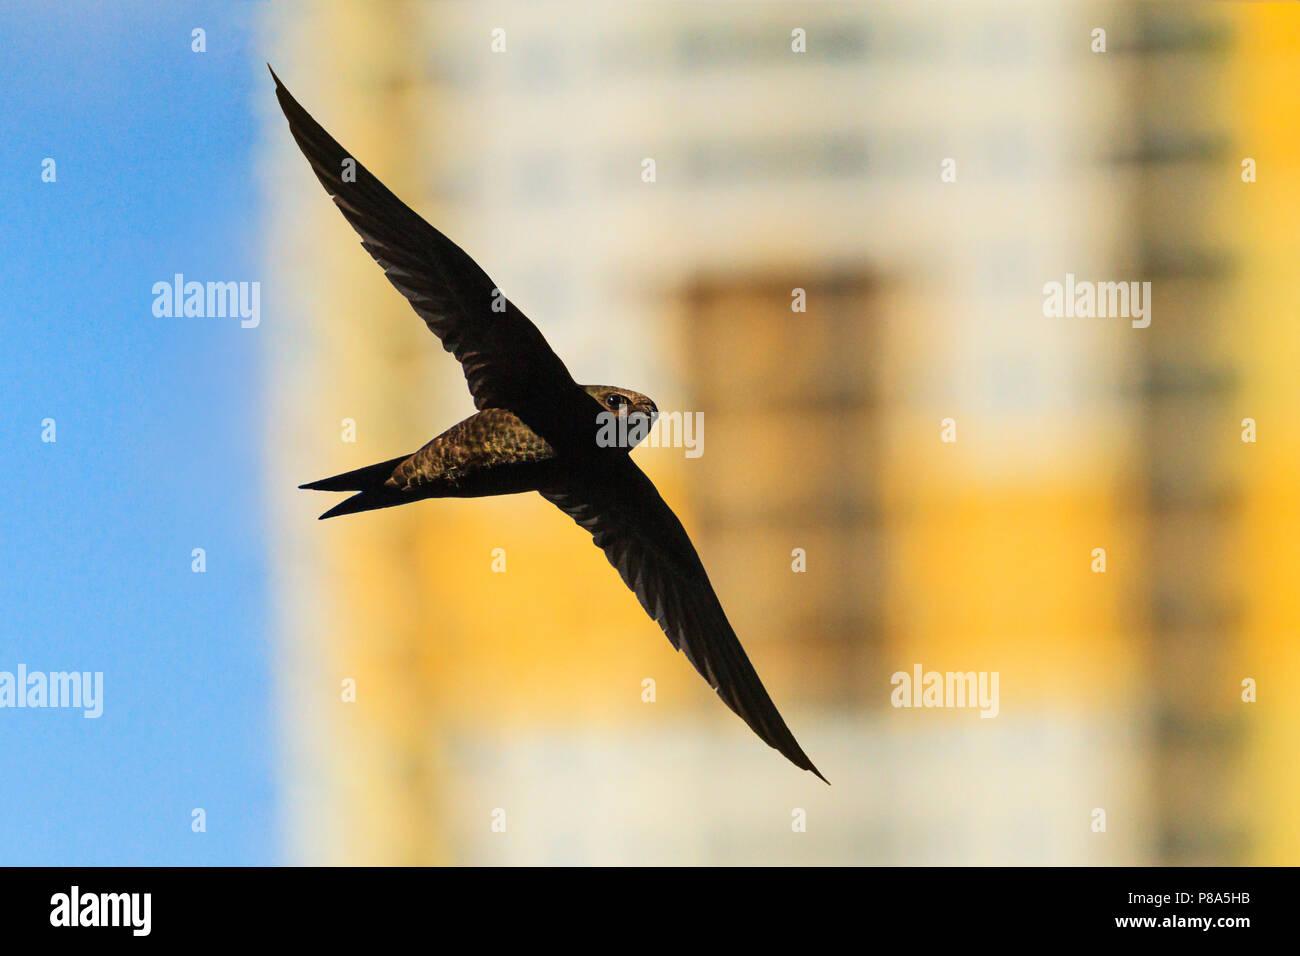 Swift fliegt vor dem Hintergrund der hohen Gebäude. Stockbild